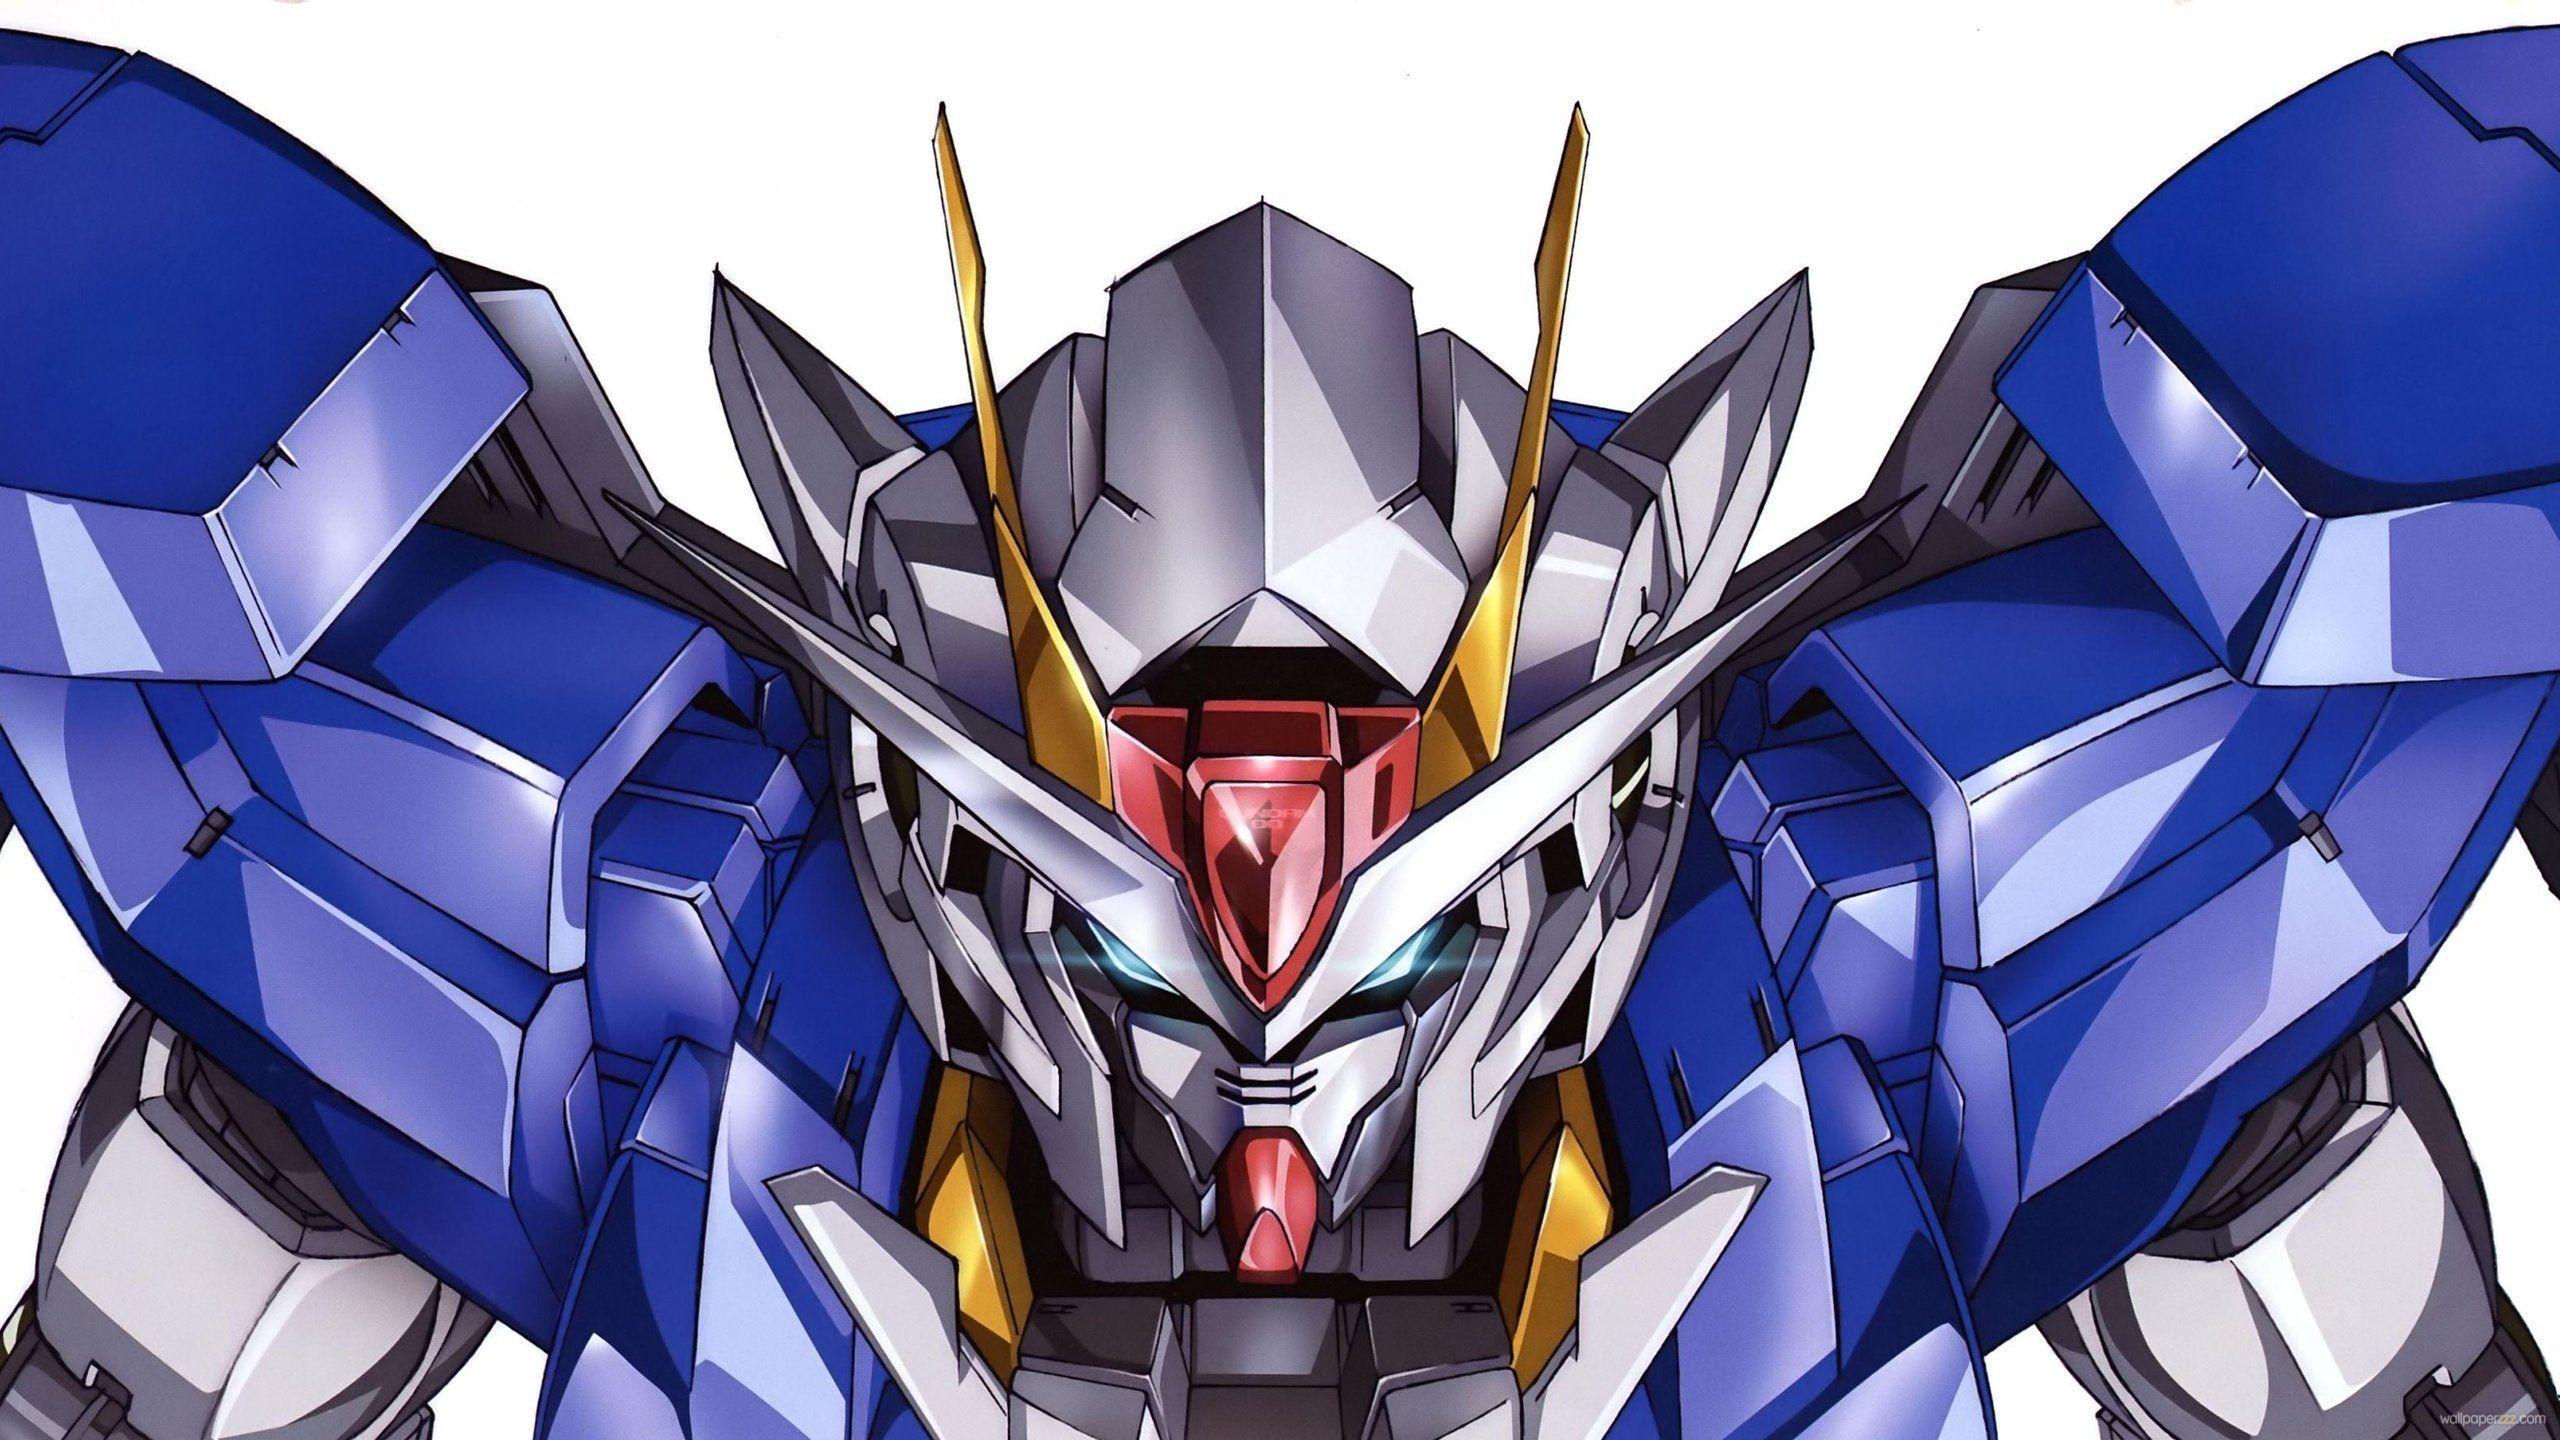 Gundam Fenice Rinascita Gundam Exia Dark Matter Gyan Vulcan | HD Wallpapers  | Pinterest | Gundam, Hd wallpaper and Wallpaper